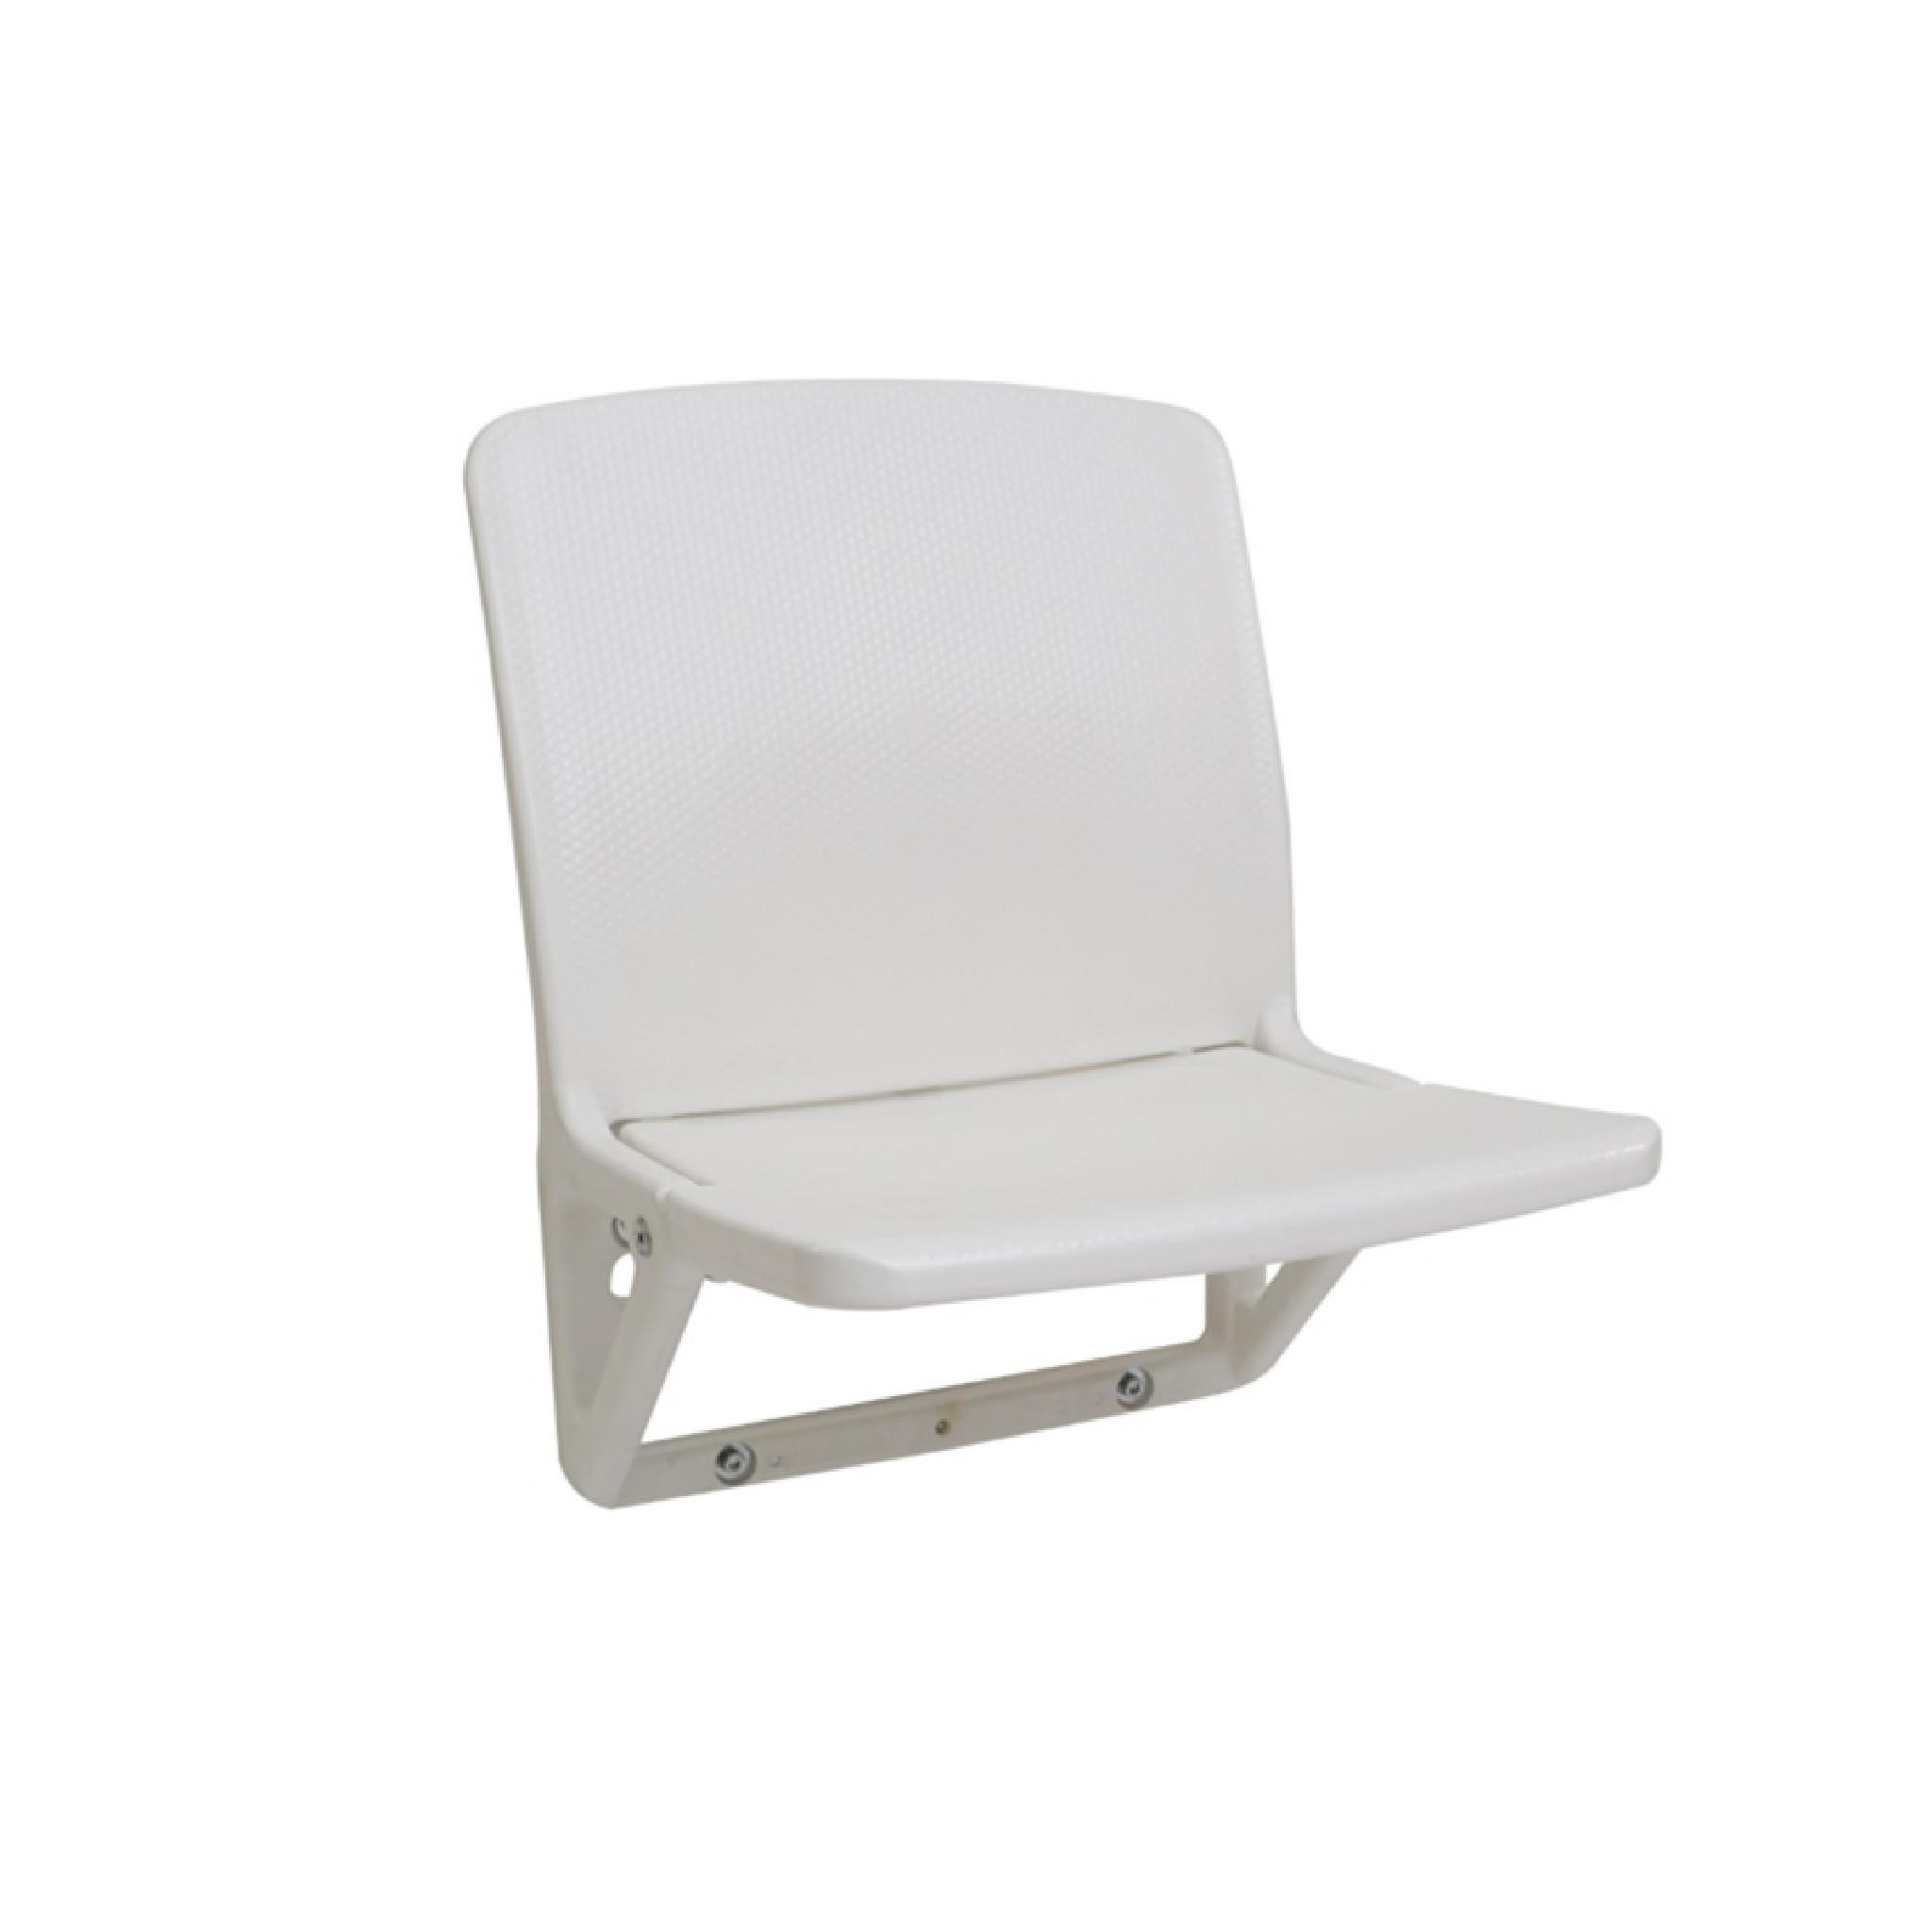 omega_tipup_stadium_chair_seatorium_08